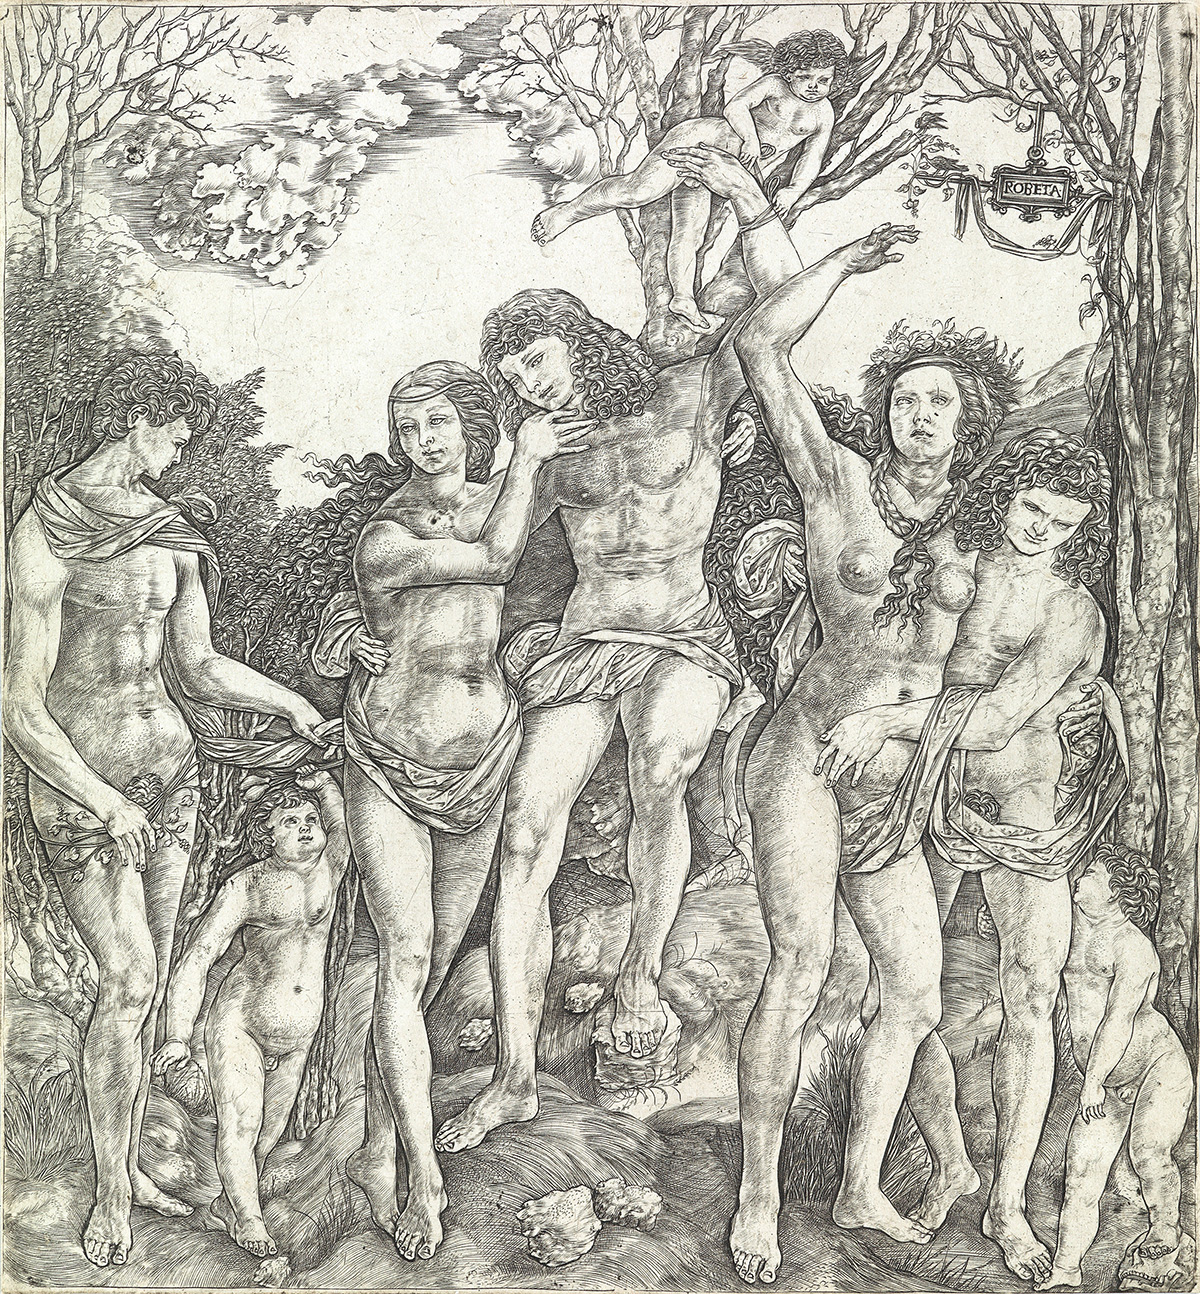 CRISTOFANO DI MICHELE MARTINI, IL ROBETTA Allegory of Carnal Love.